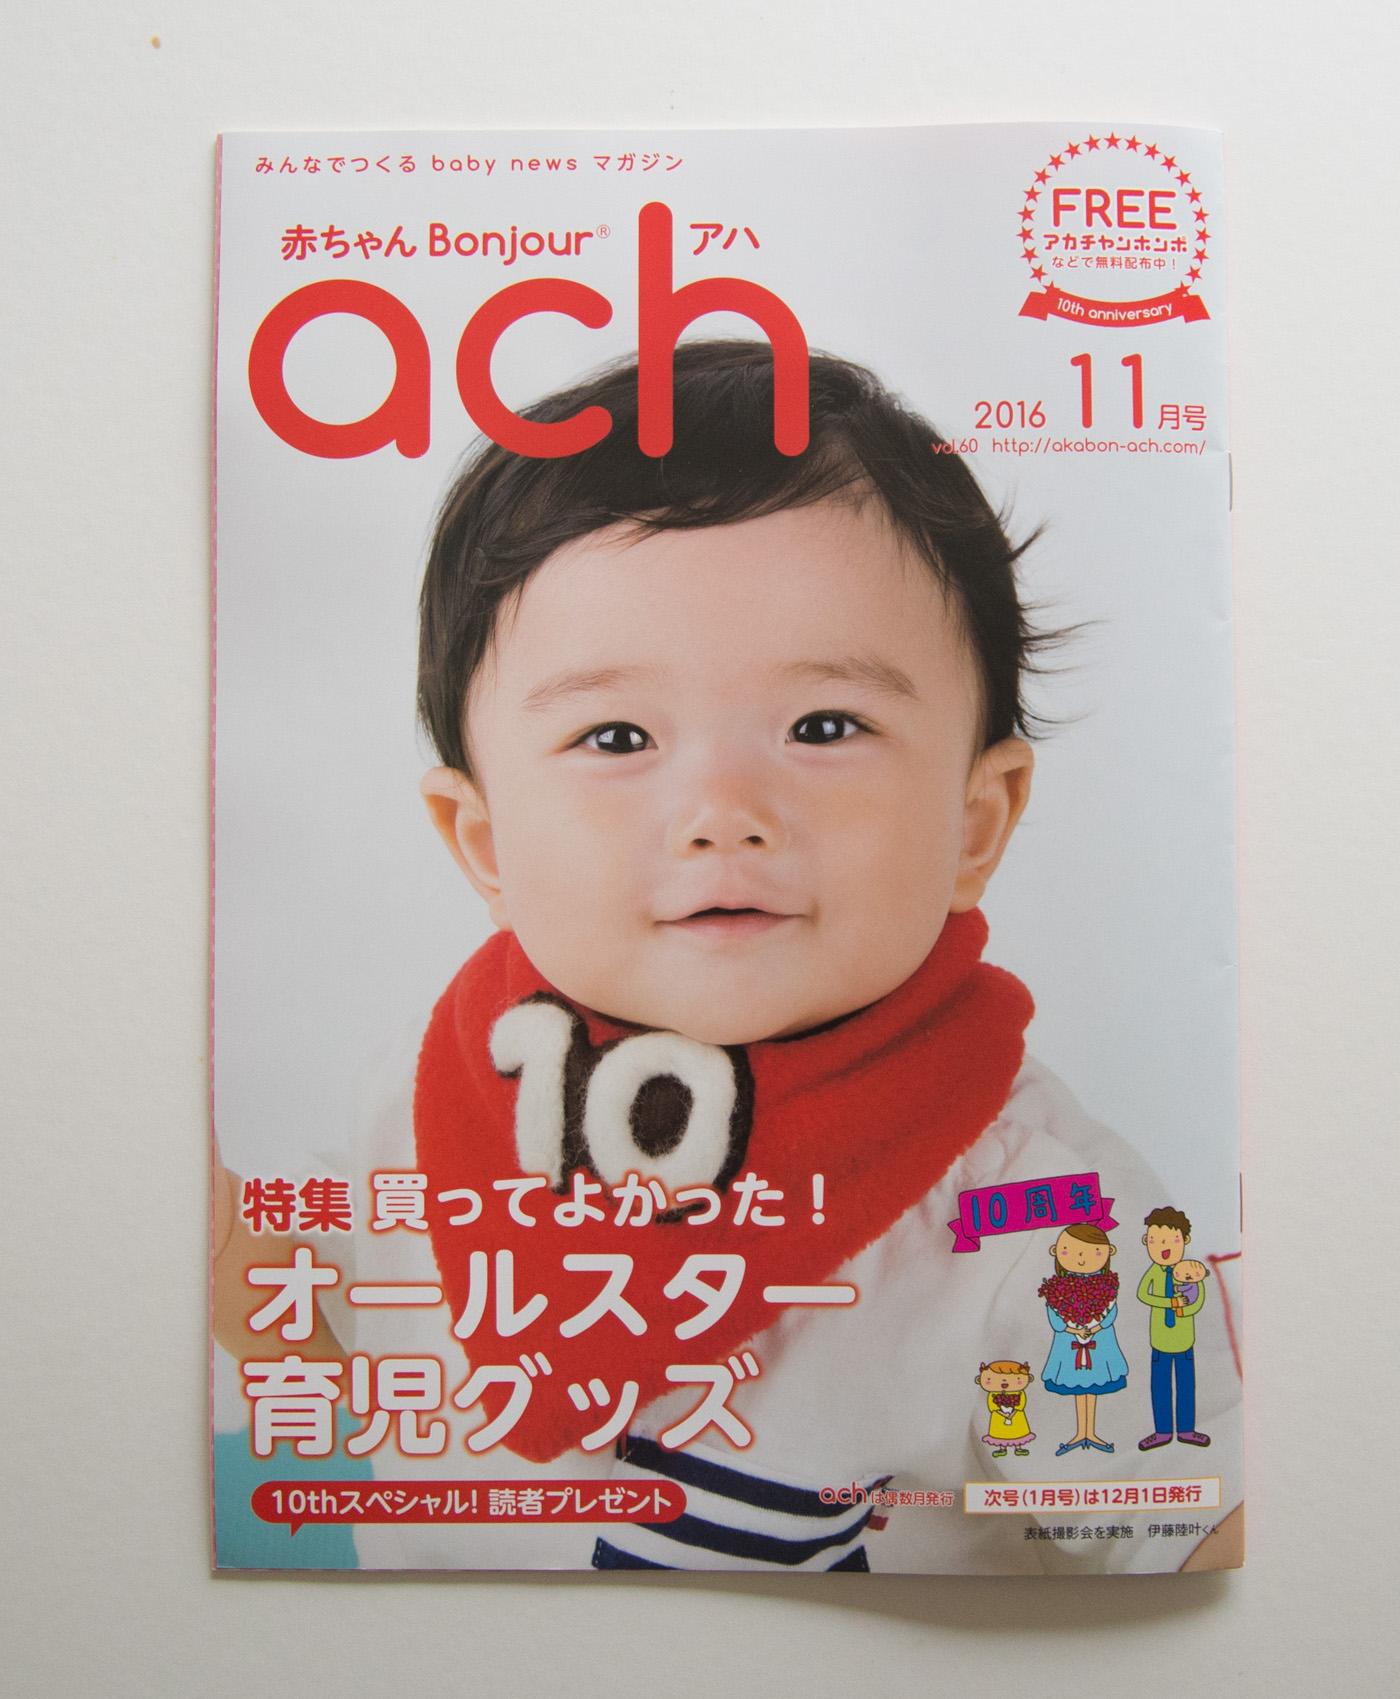 赤ちゃんBonjour ach 表紙。2016年11月号、創刊10周年・60号。